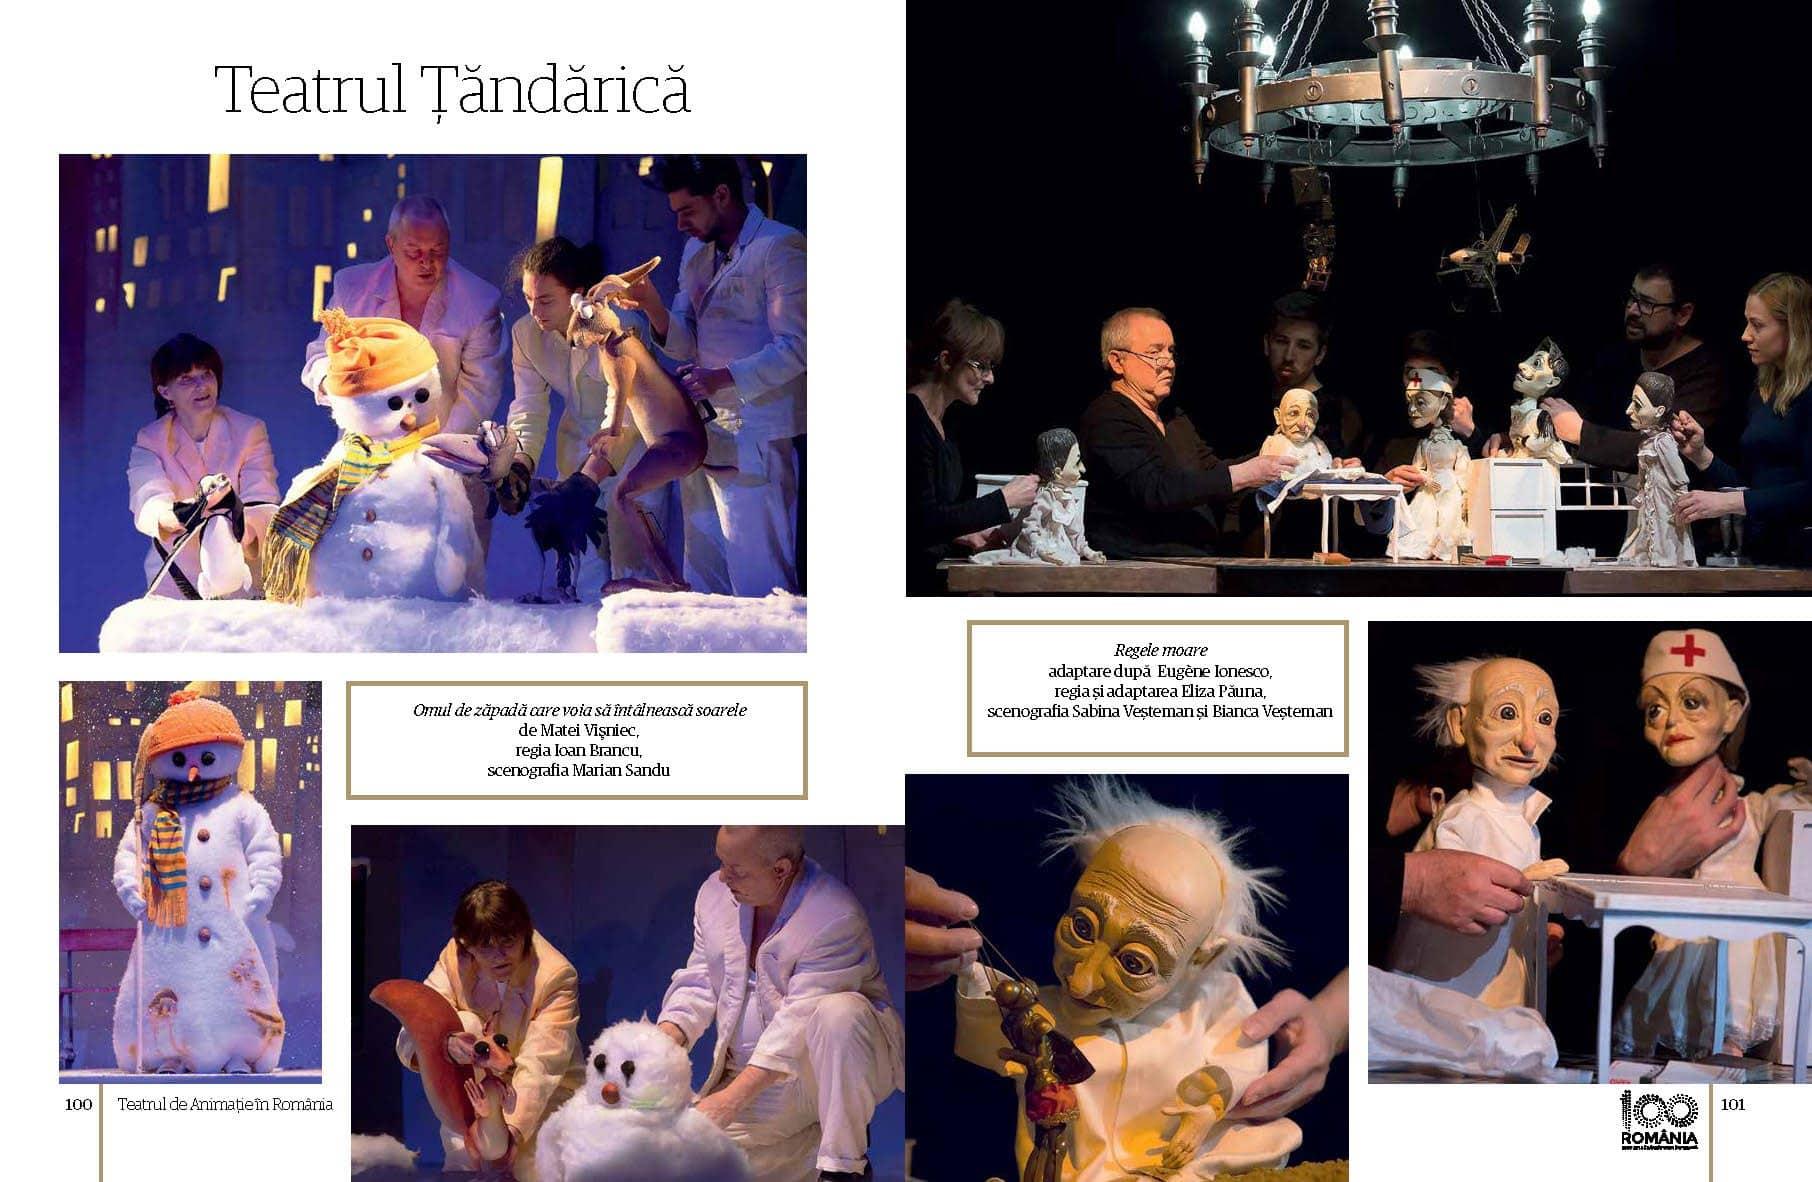 Album Teatrul de Animatie in Romania final preview fata in fata Page 51